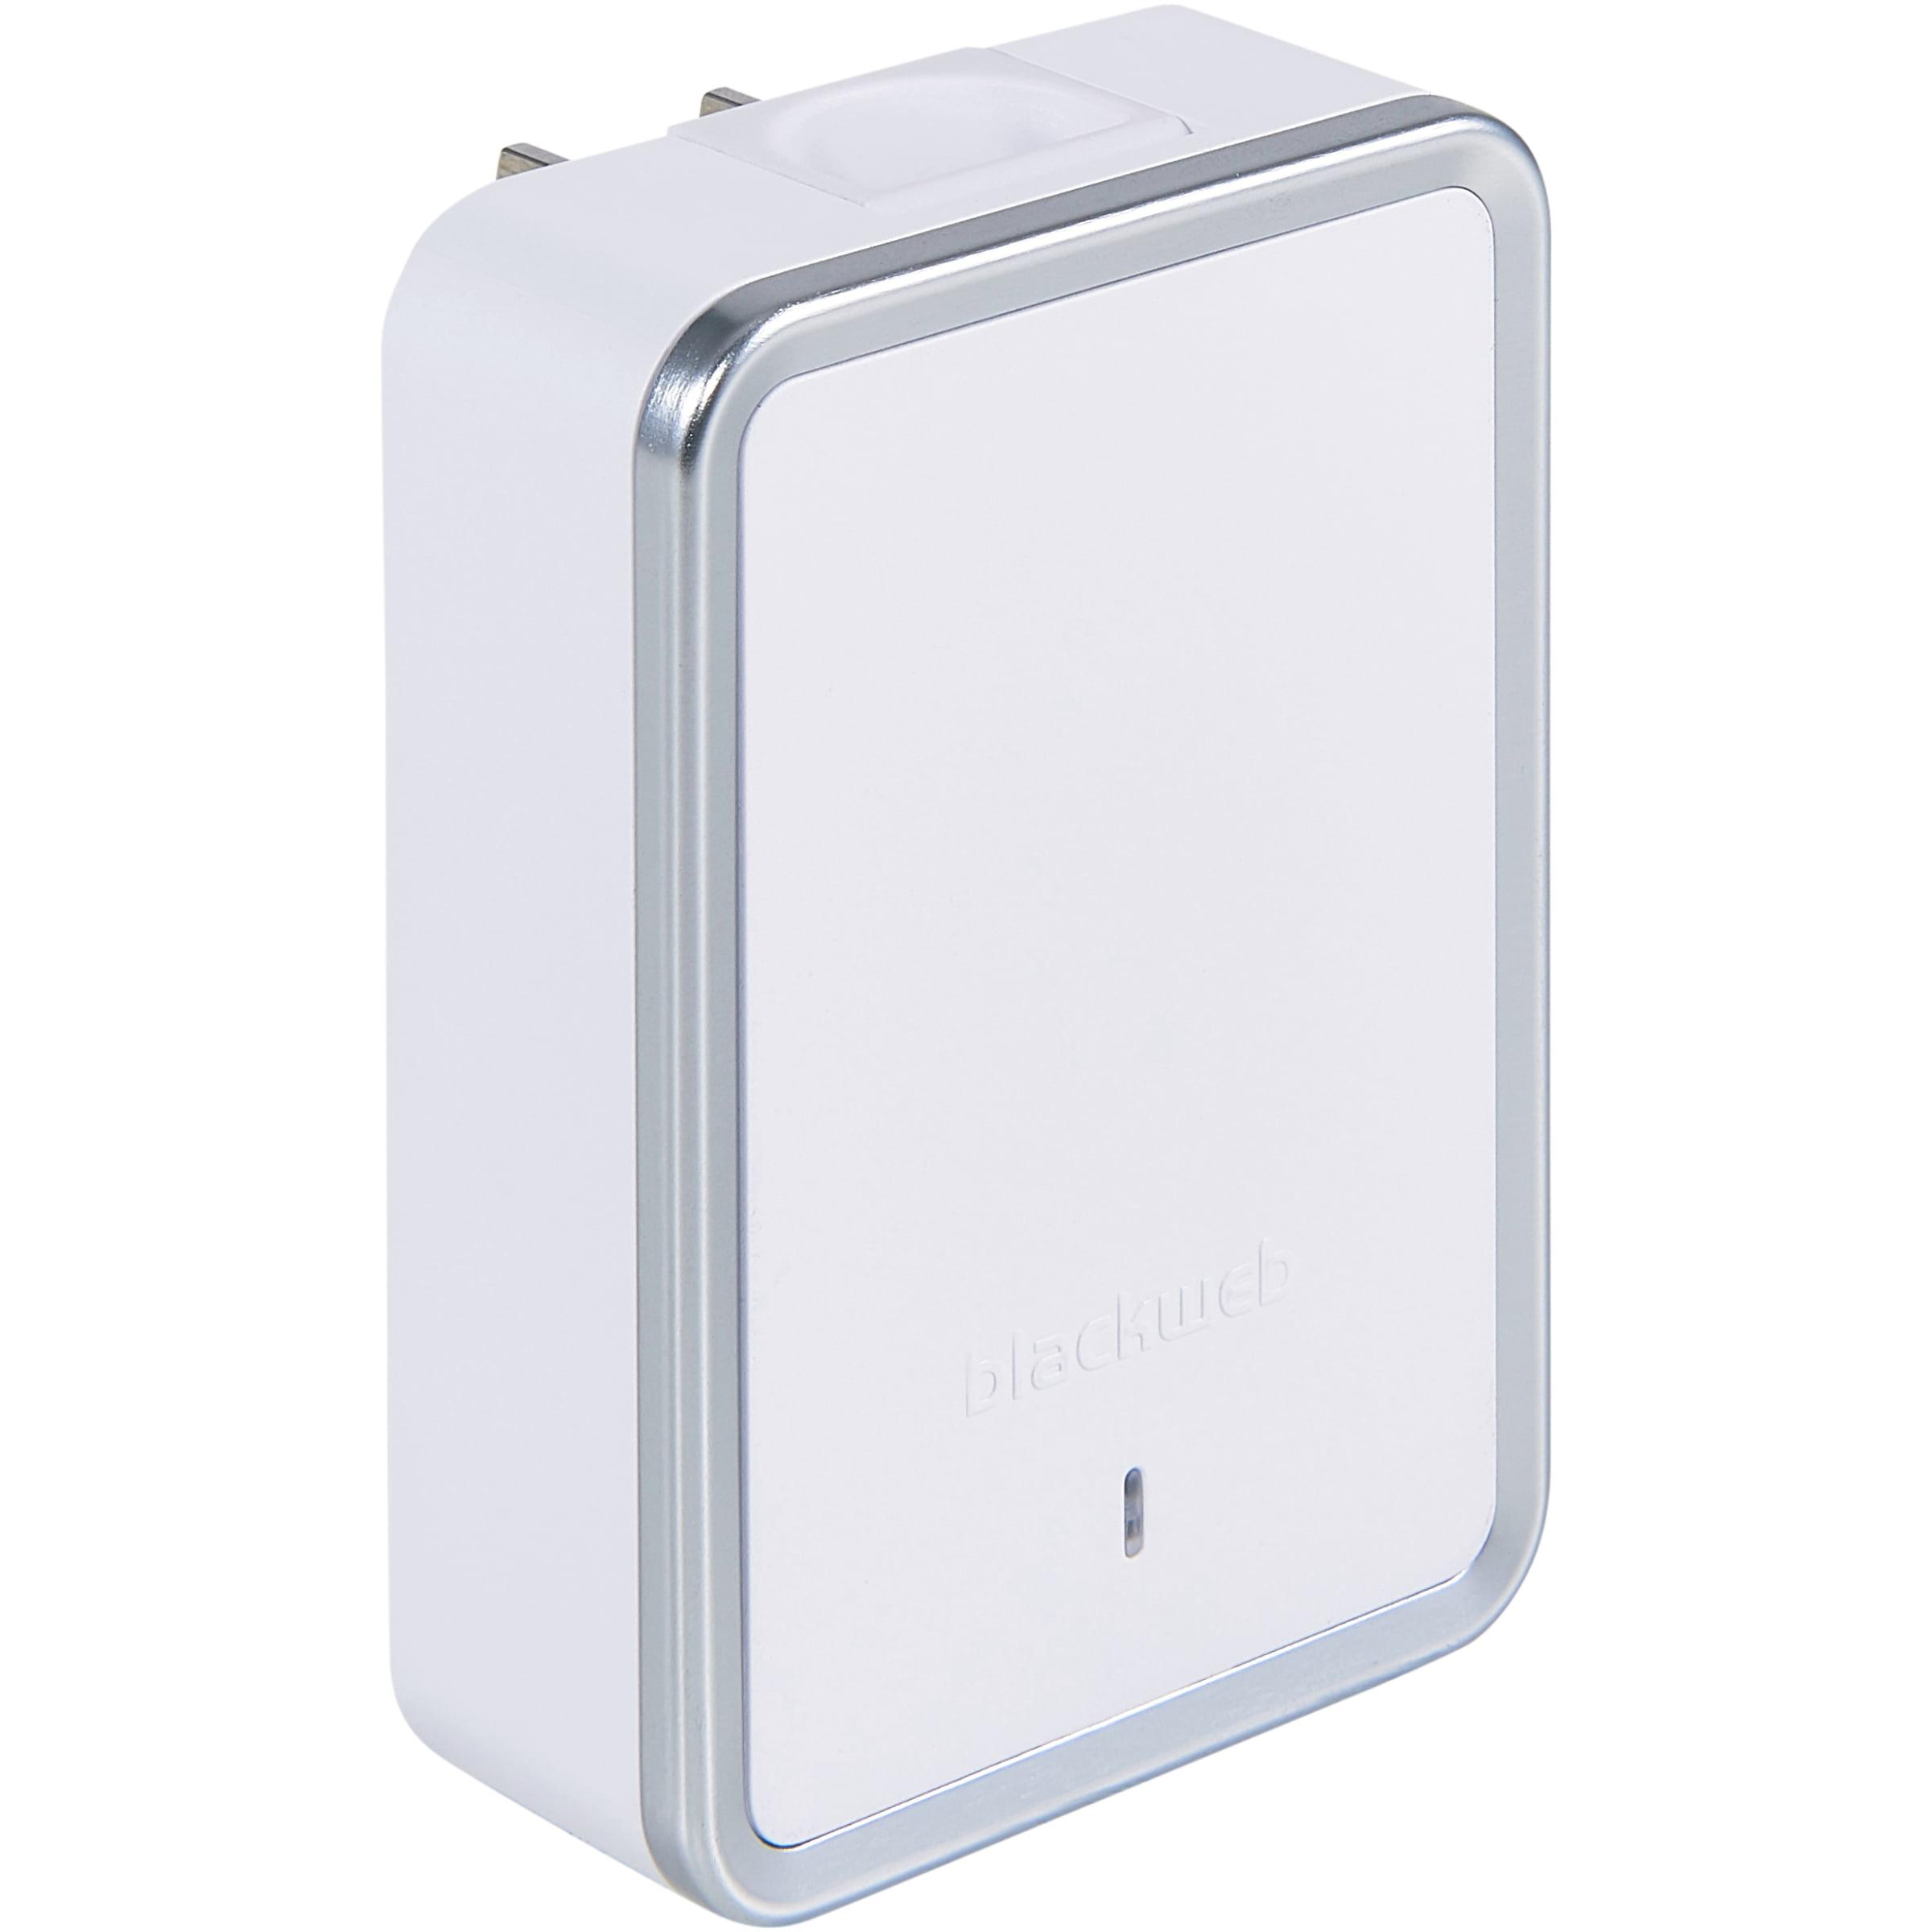 Blackweb USB-C & USB-A Dual-Port Wall Charger, White